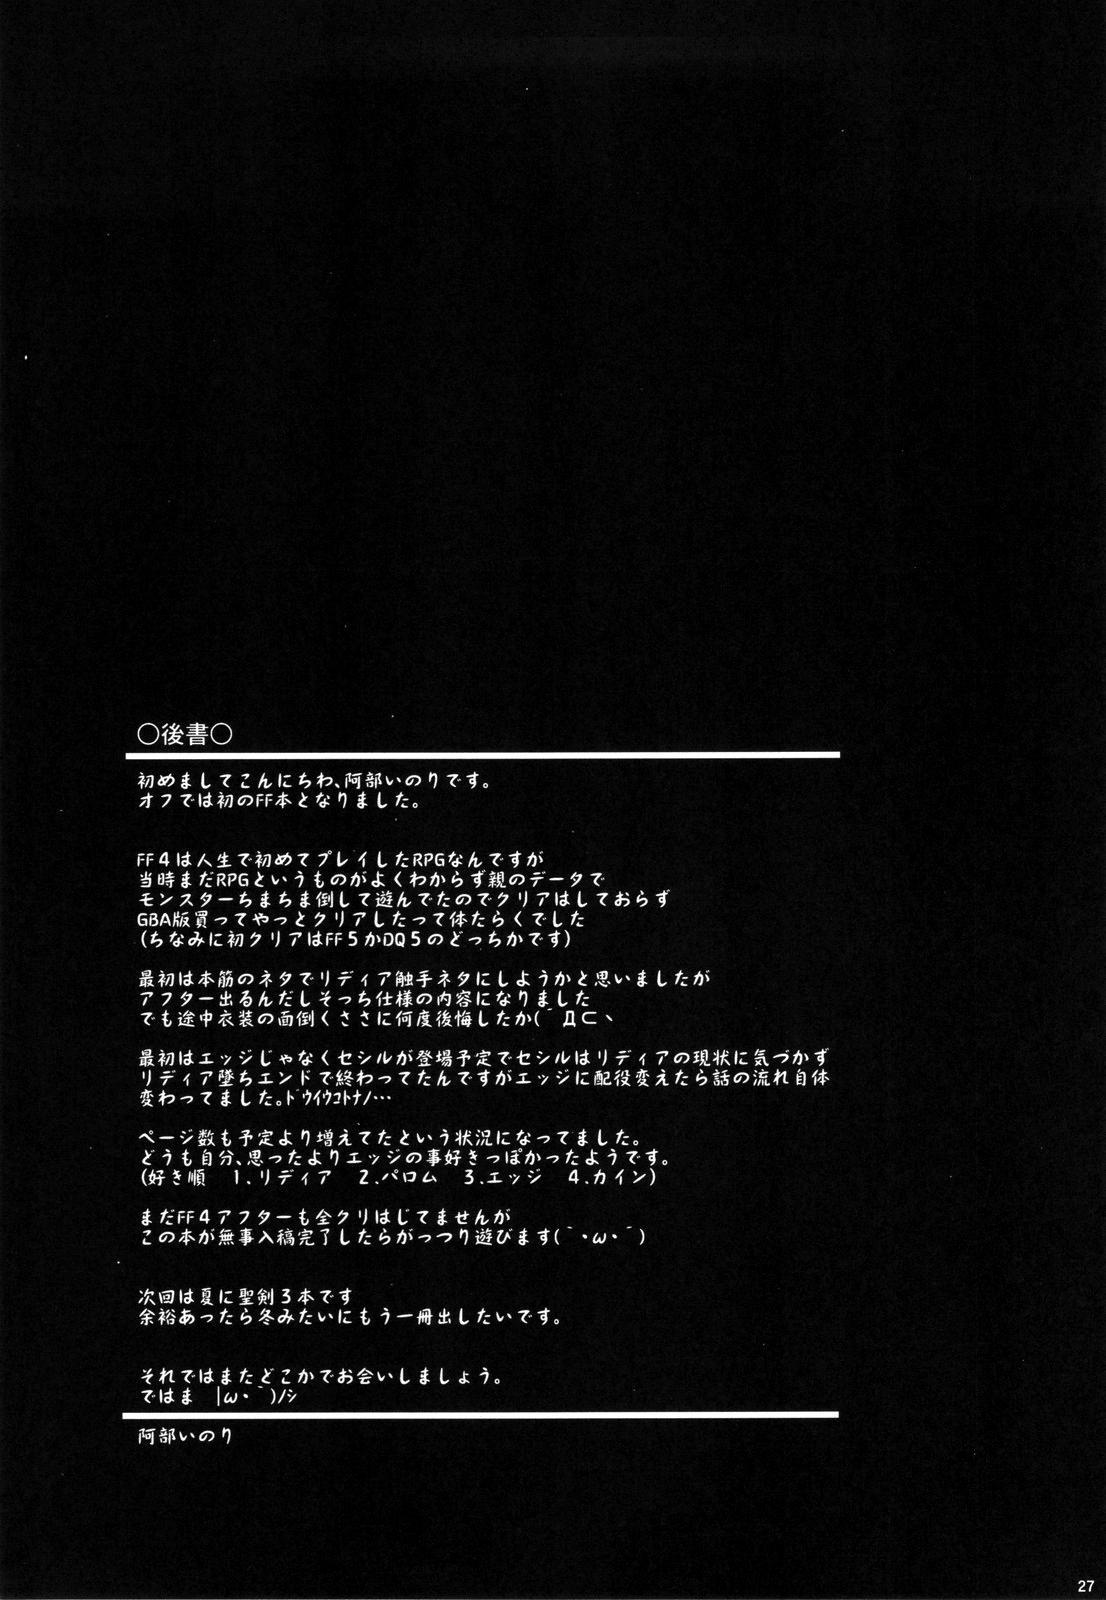 Rydia no Kachi | Rydias Value 25